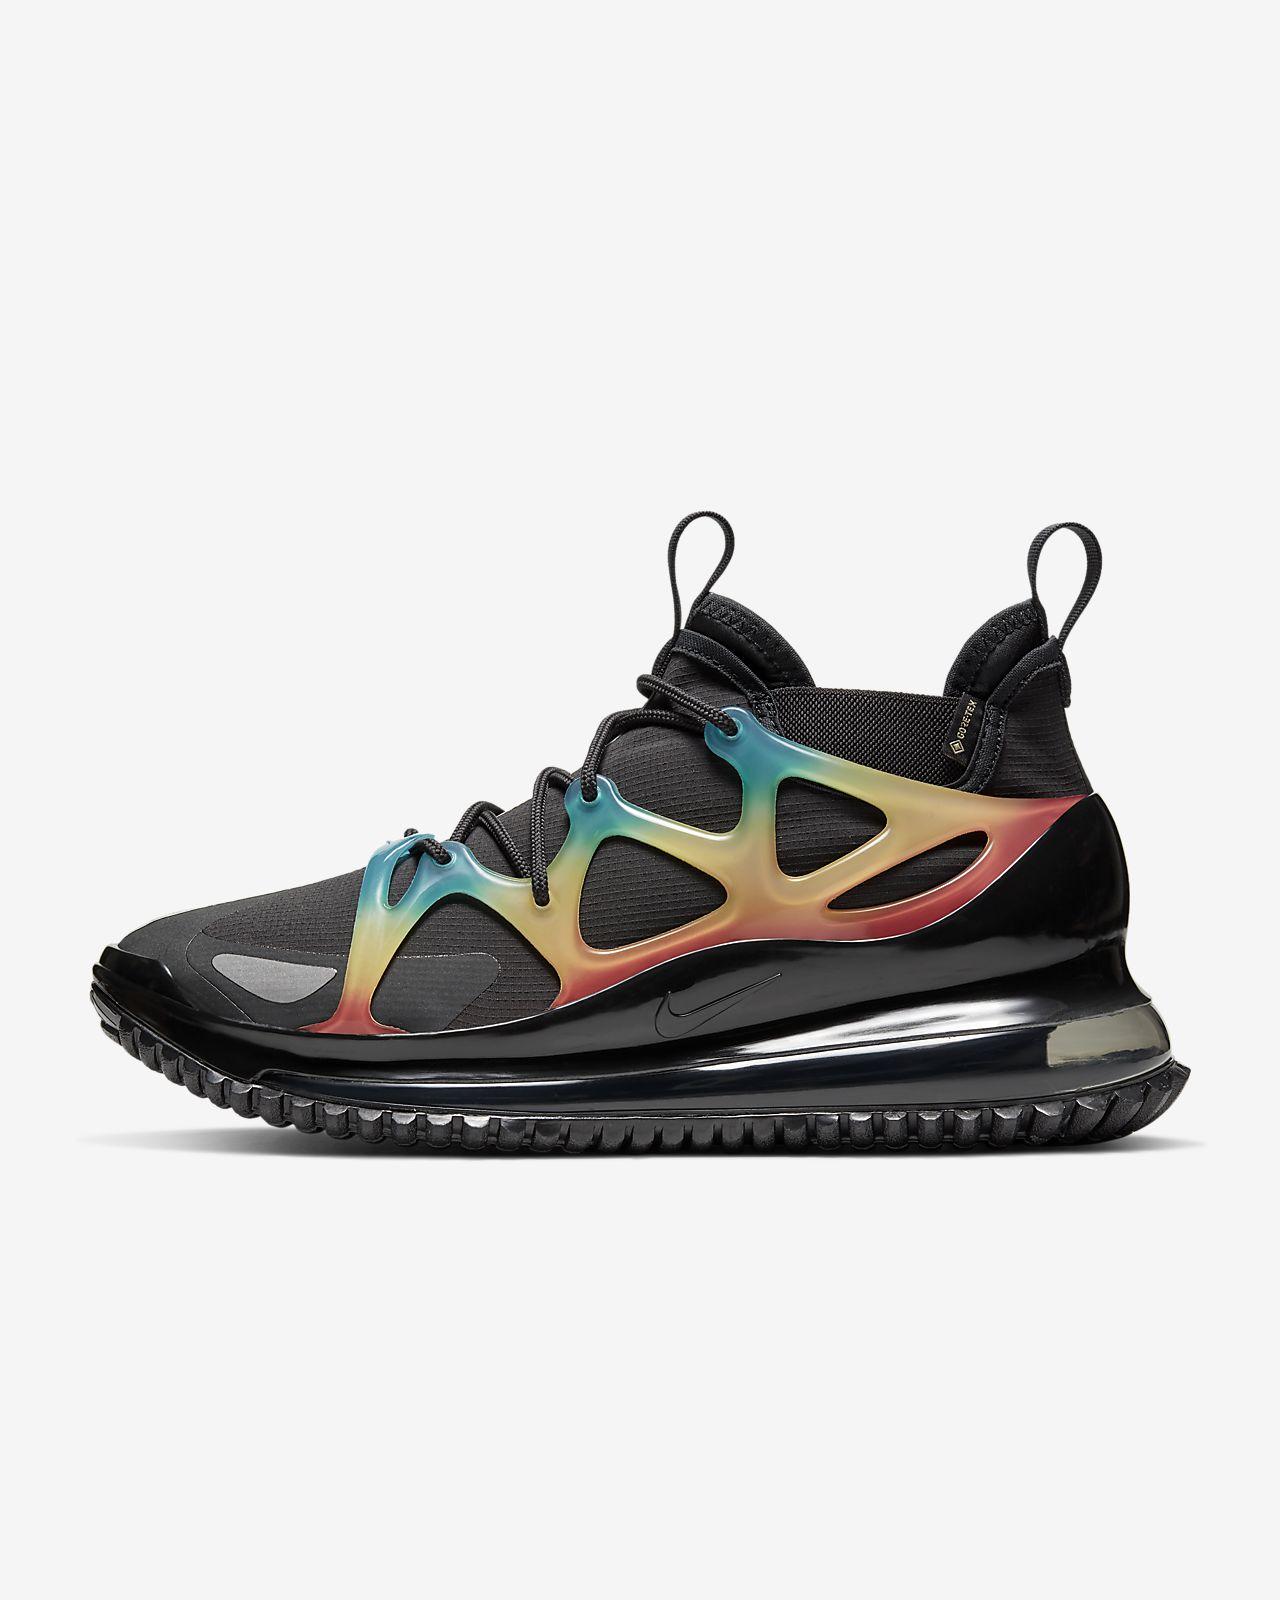 รองเท้าผู้ชาย Nike Air Max 720 Horizon